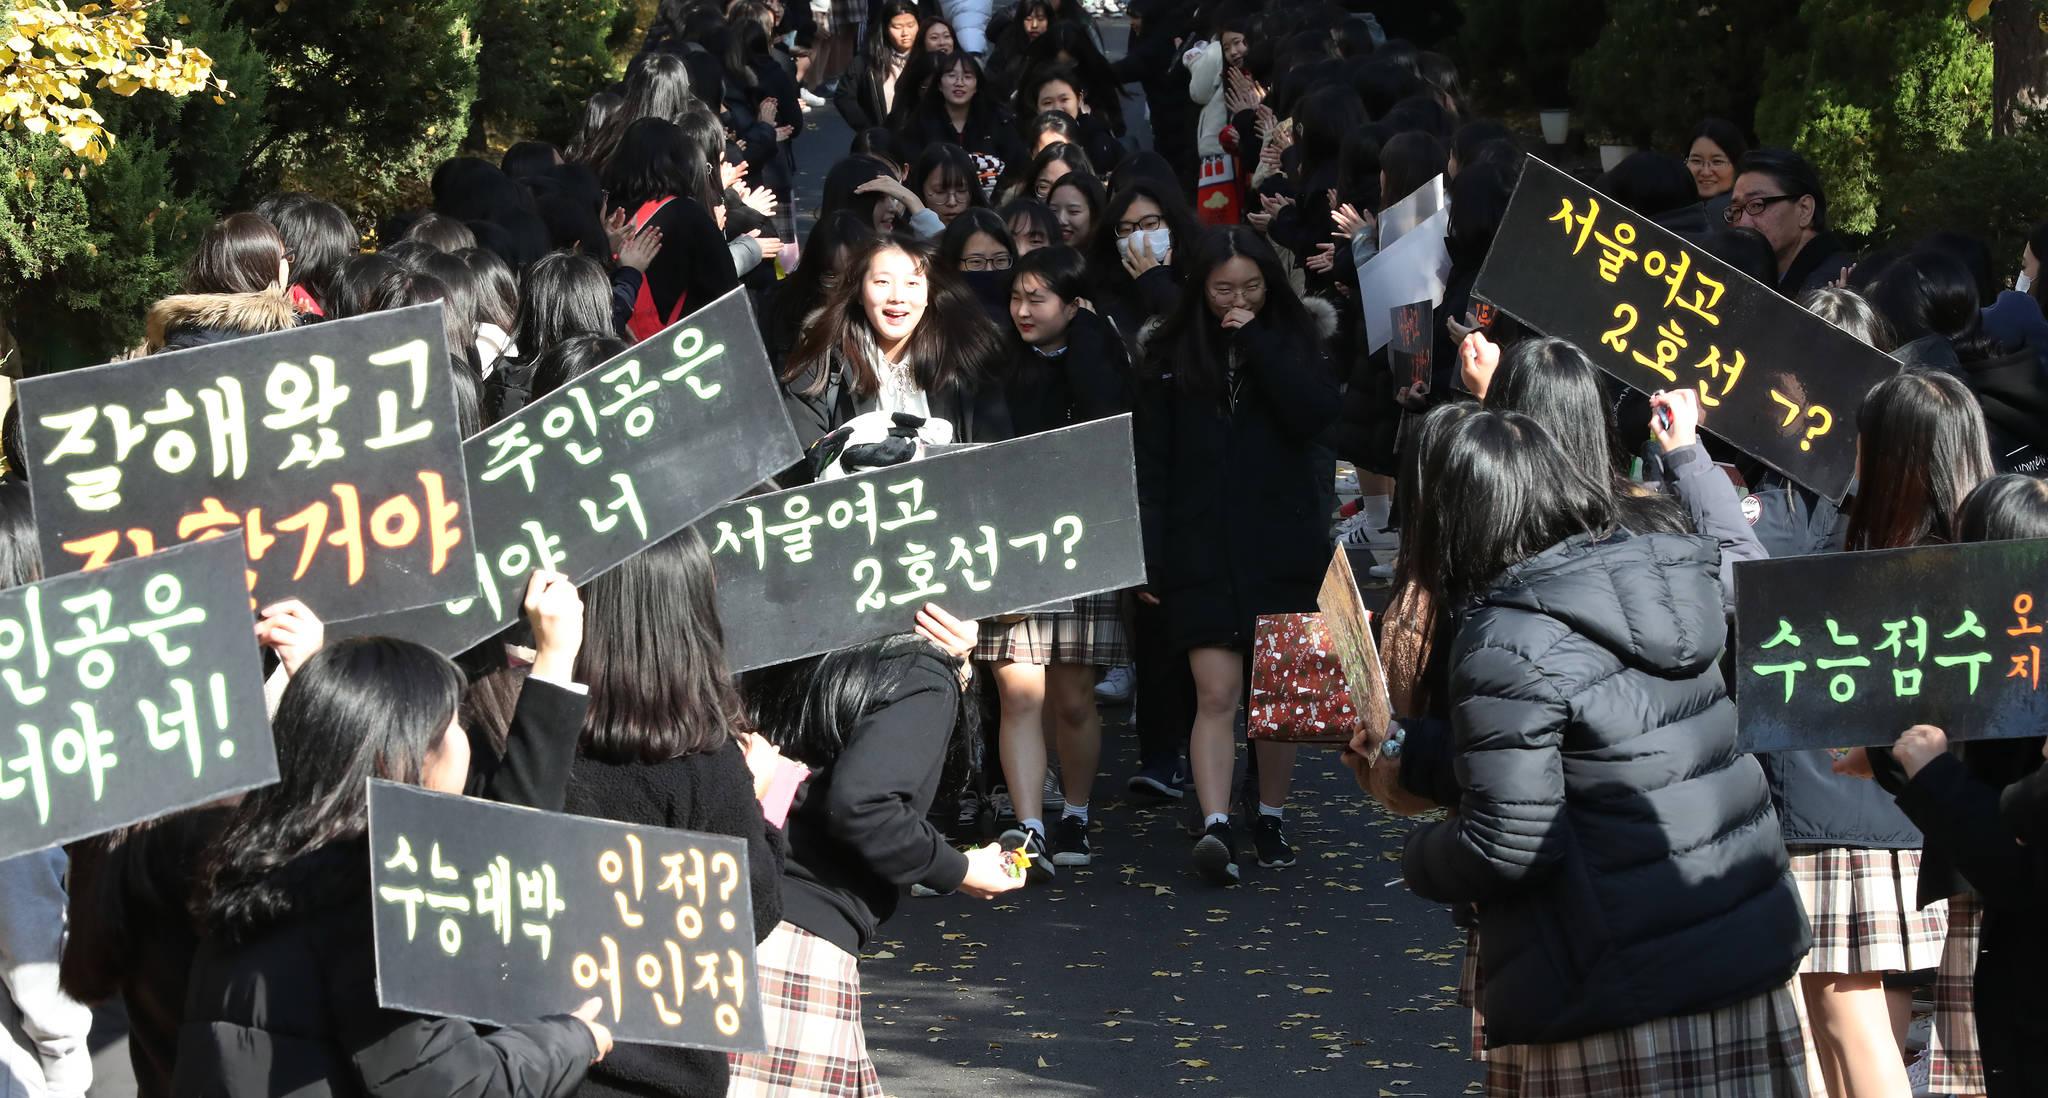 서울여고 학생들이 선배인 고3 수험생들의 고득점을 기원하며 응원을 하고 있다. 우상조 기자